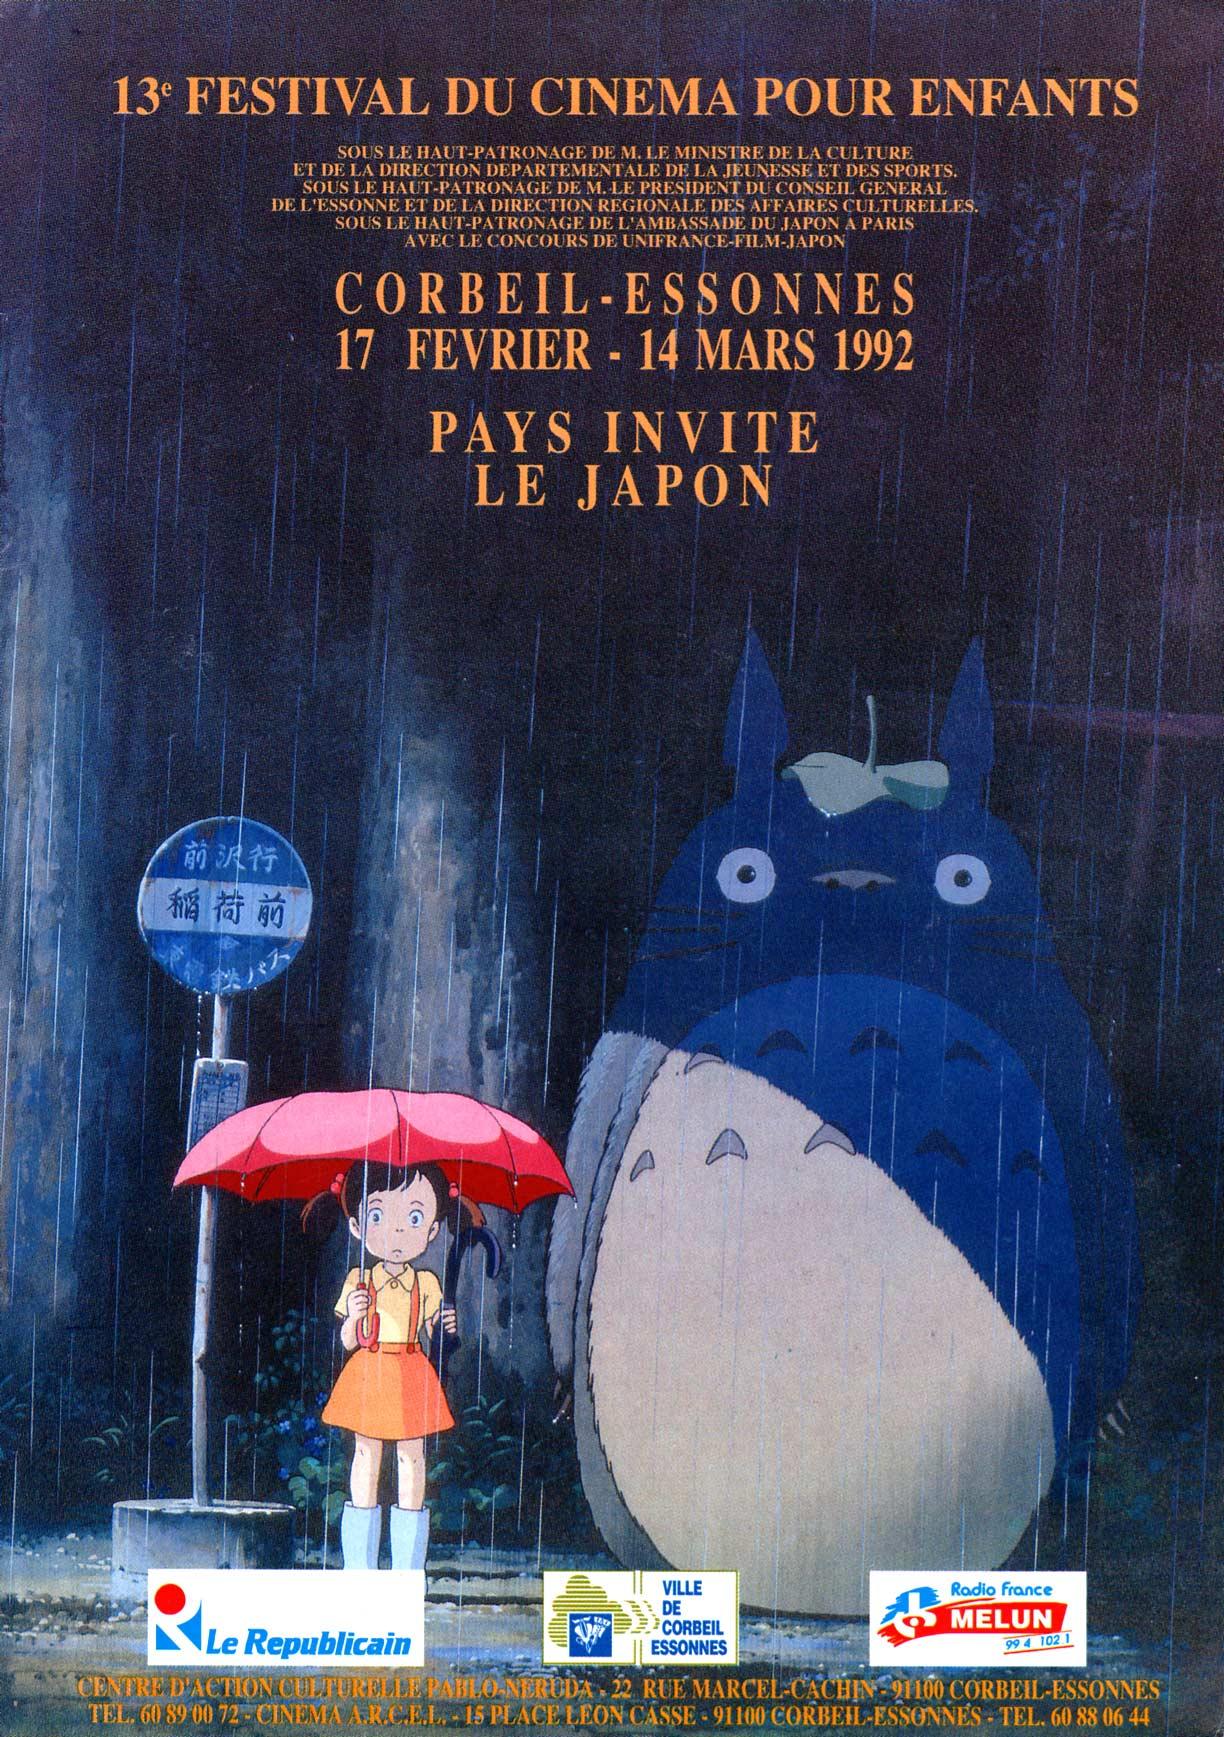 couverture du programme du Festival du cinéma de Corbeil-Essonne lors de sa première diffusion (confidentielle) en France en 1992.